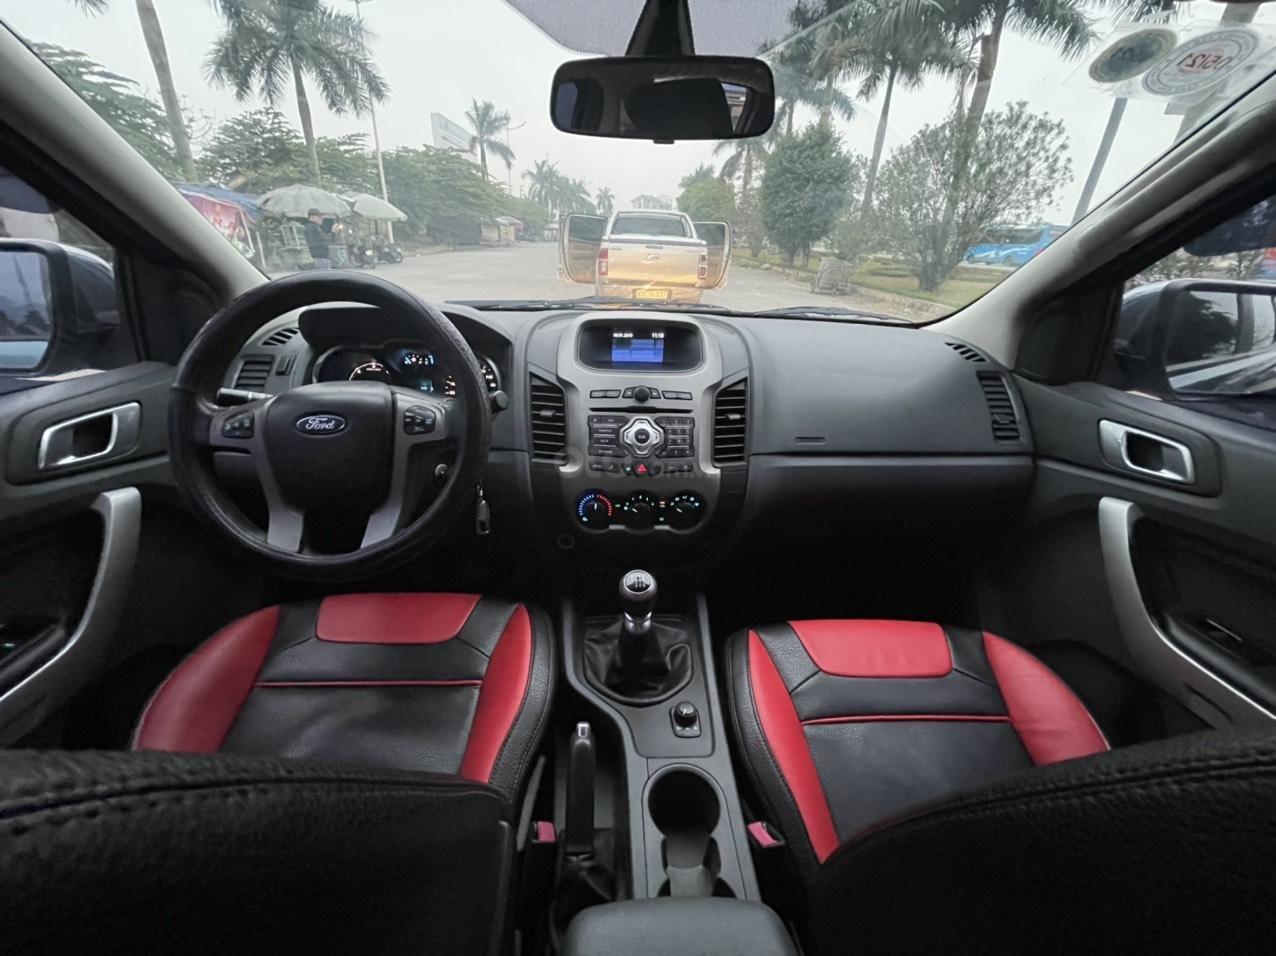 Ford Ranger XLT số sàn 2 cầu sx 2014, giá 456tr (5)